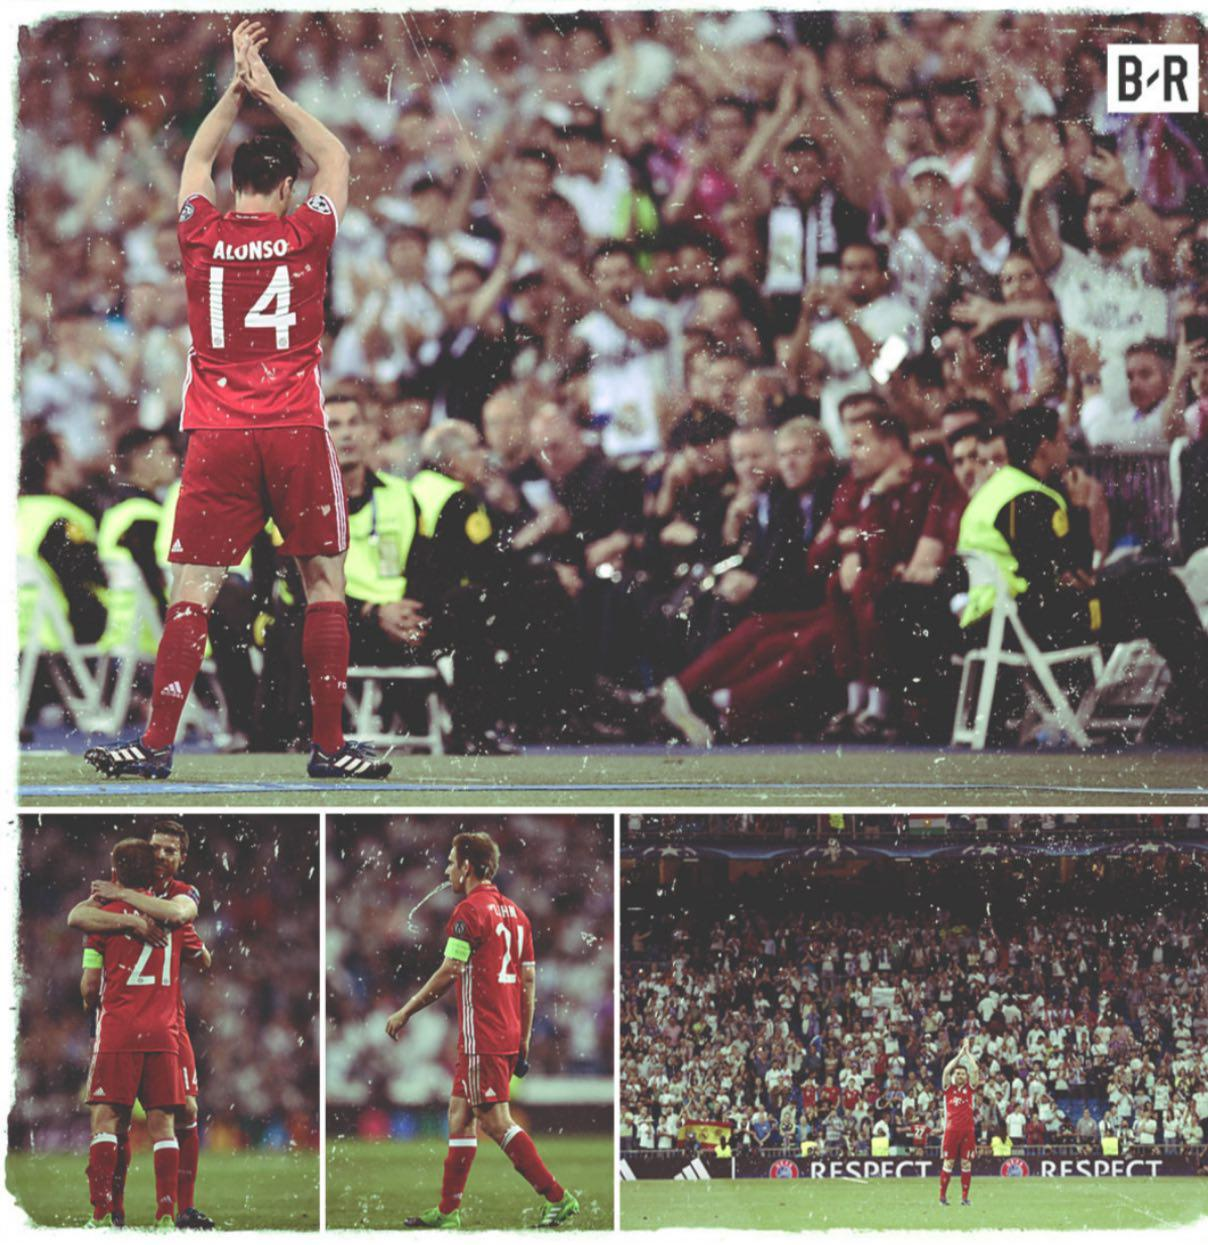 وداع دیشب دو اسطوره با لیگ قهرمانان اروپا